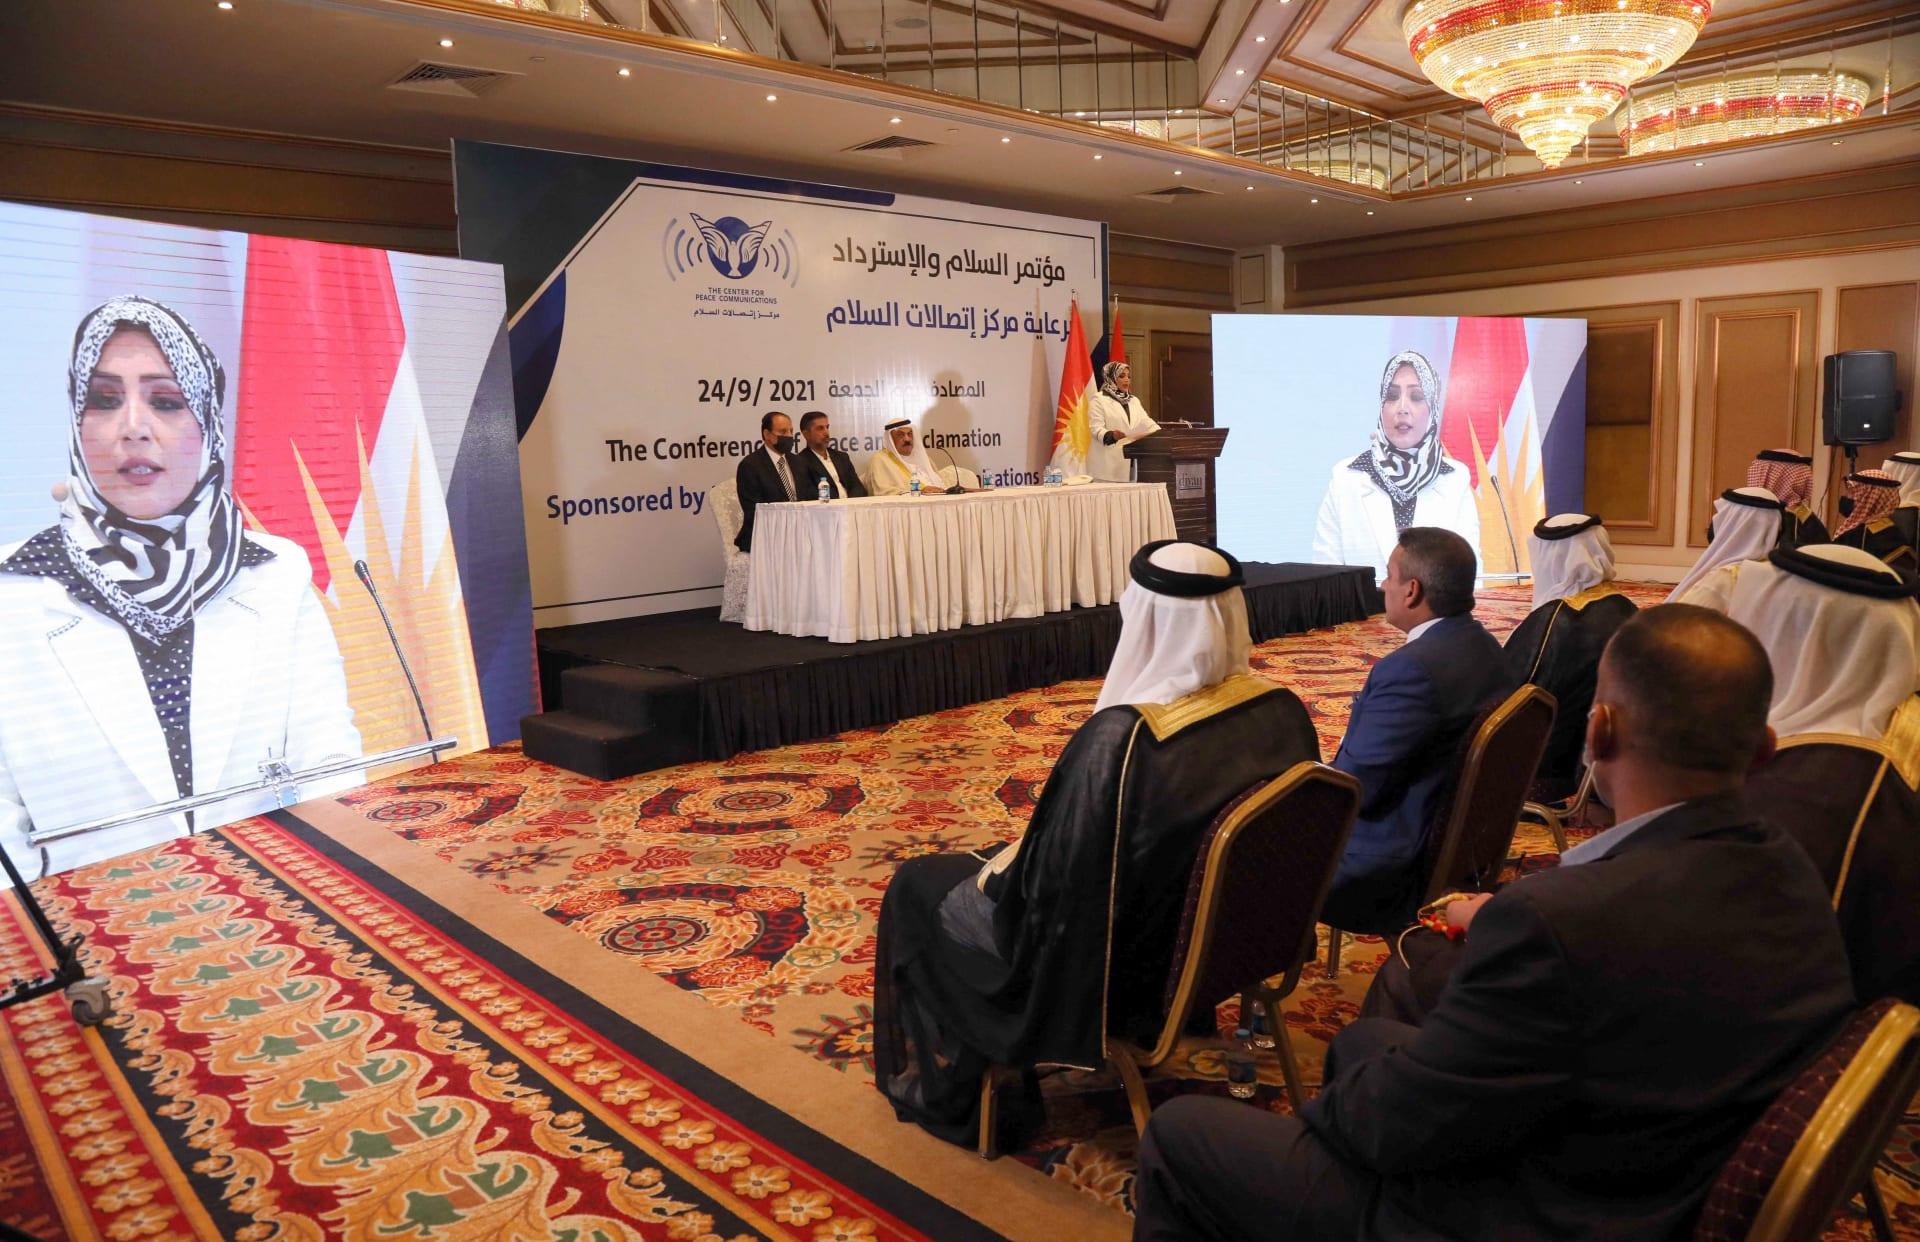 العراق يصدر مذكرة توقيف بحق المشاركين في مؤتمر التطبيع بأربيل.. فما علاقة الإمارات؟!